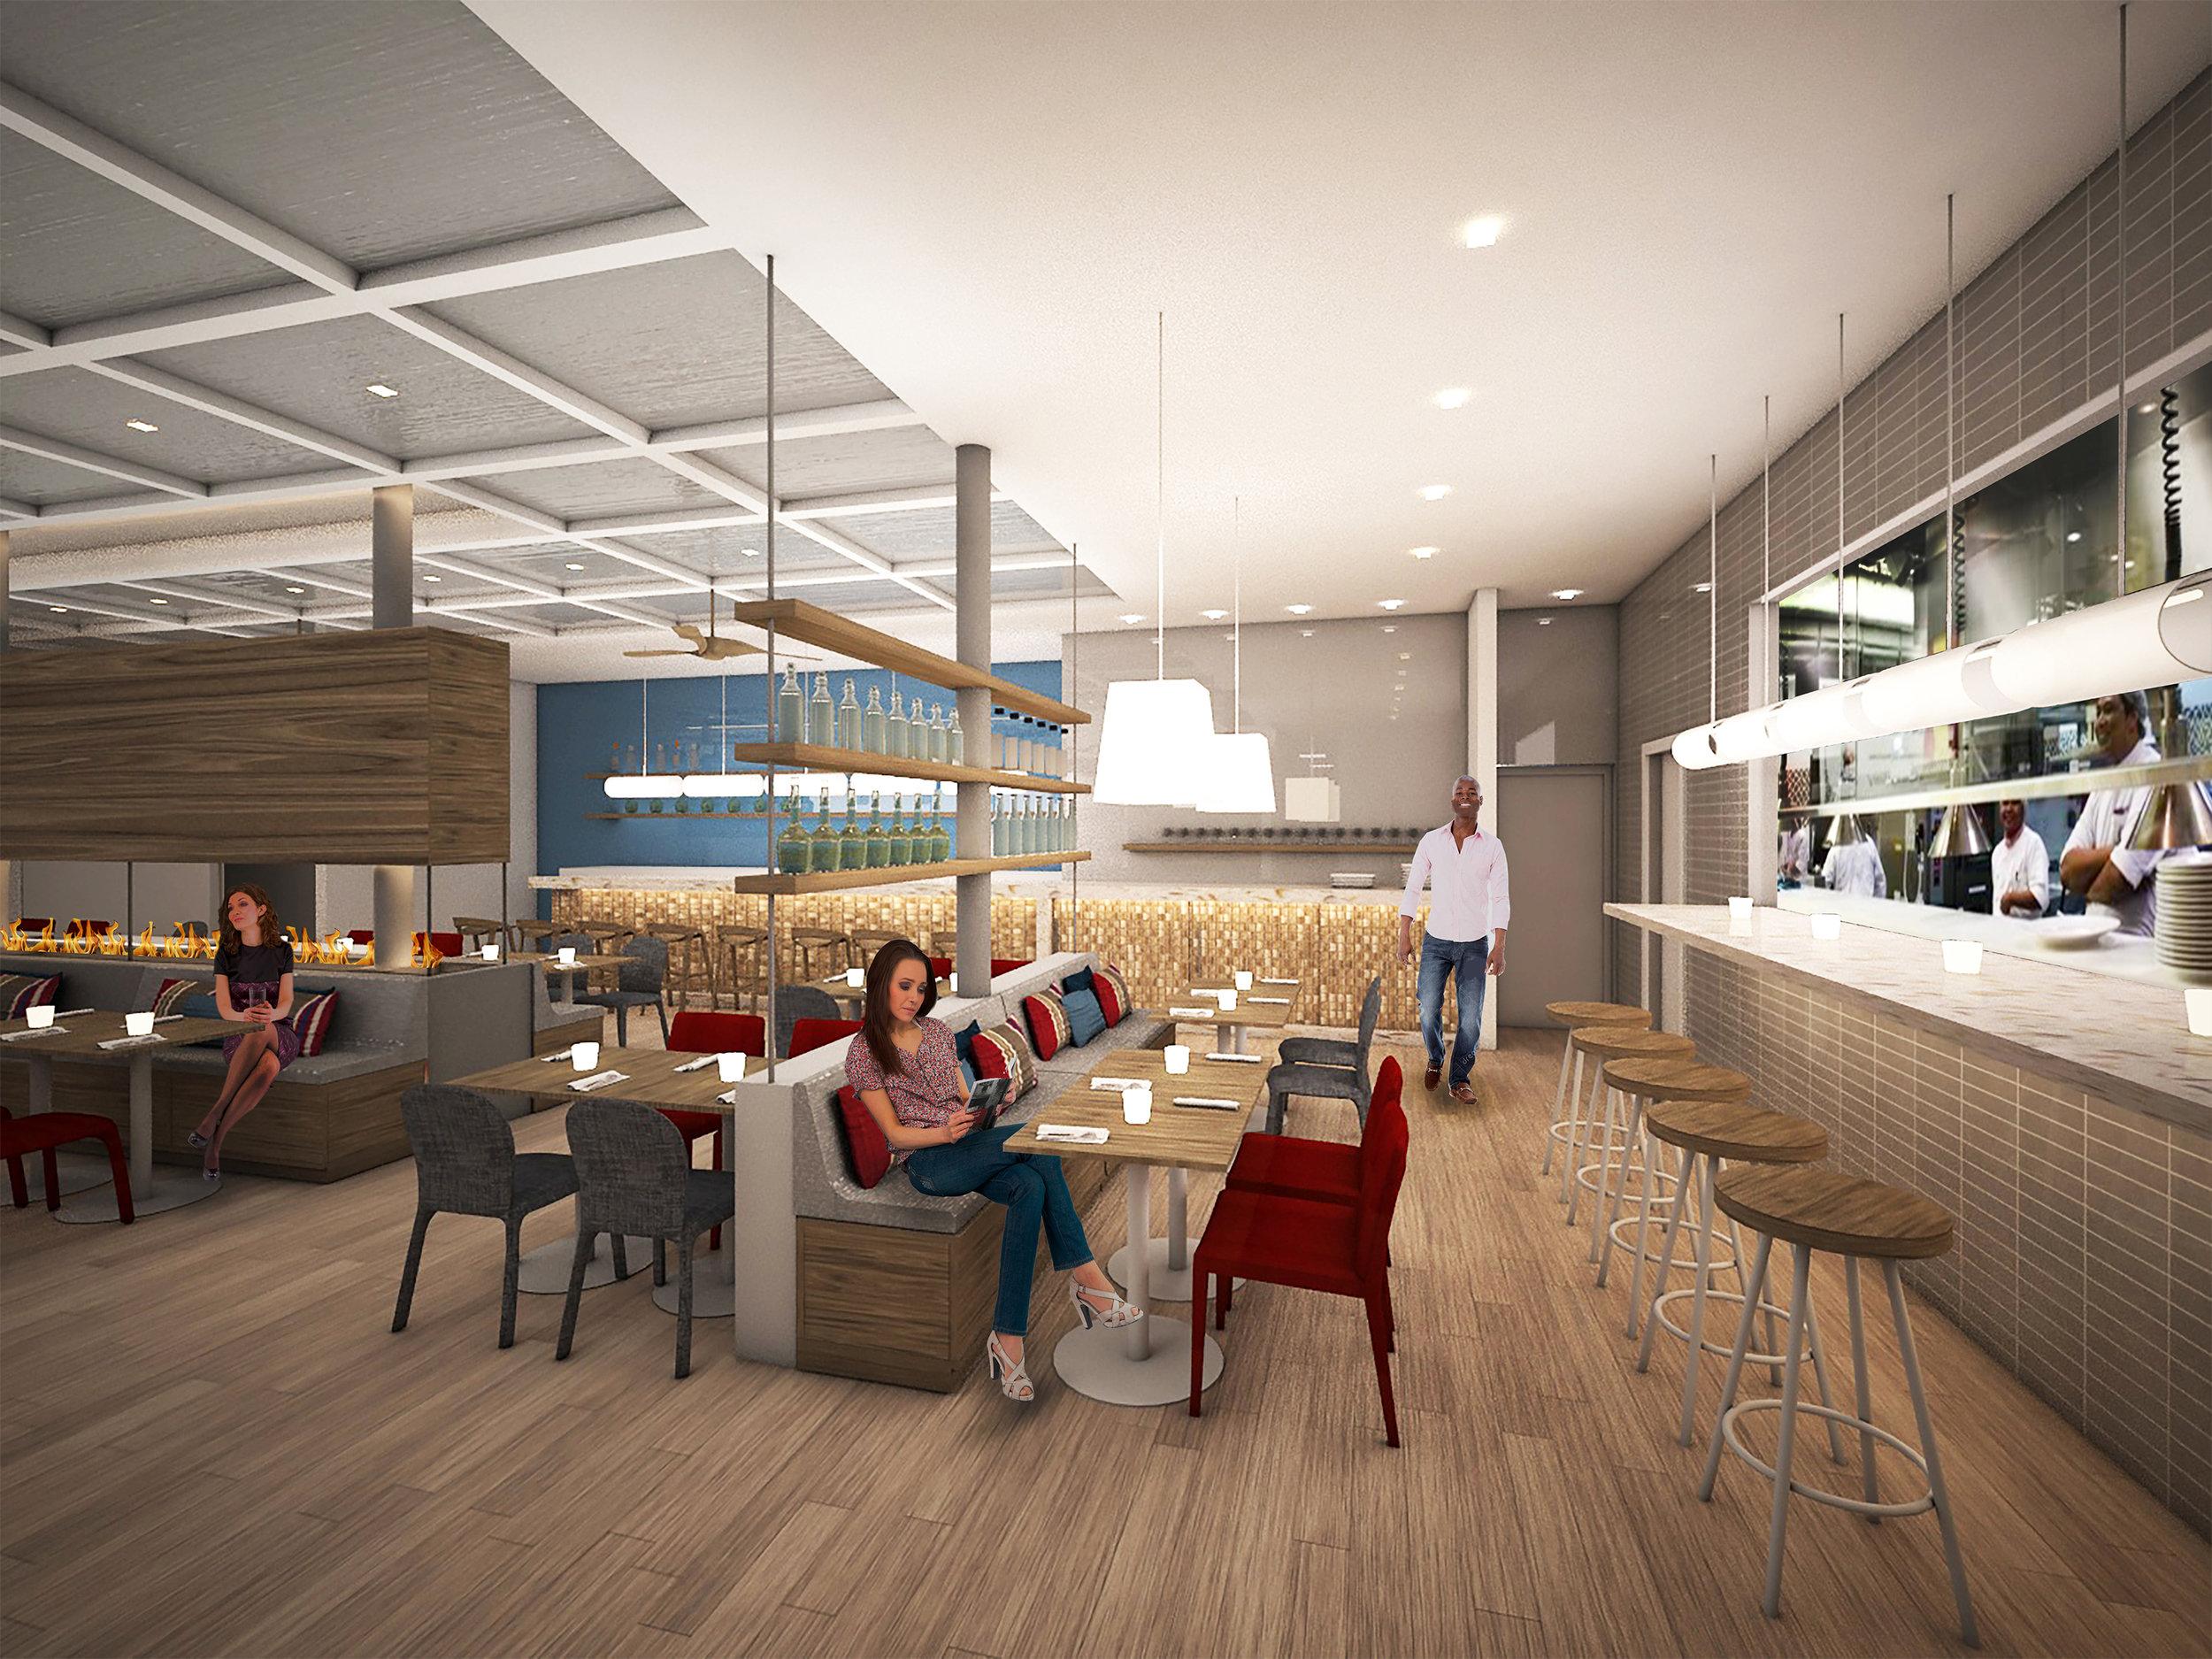 silvia-landinez-franzi-yiju-chen-juliana-sorzano-dailyrious-new-york-mps-sustainable-interior-environments-commercial-project_17643282725_o.jpg